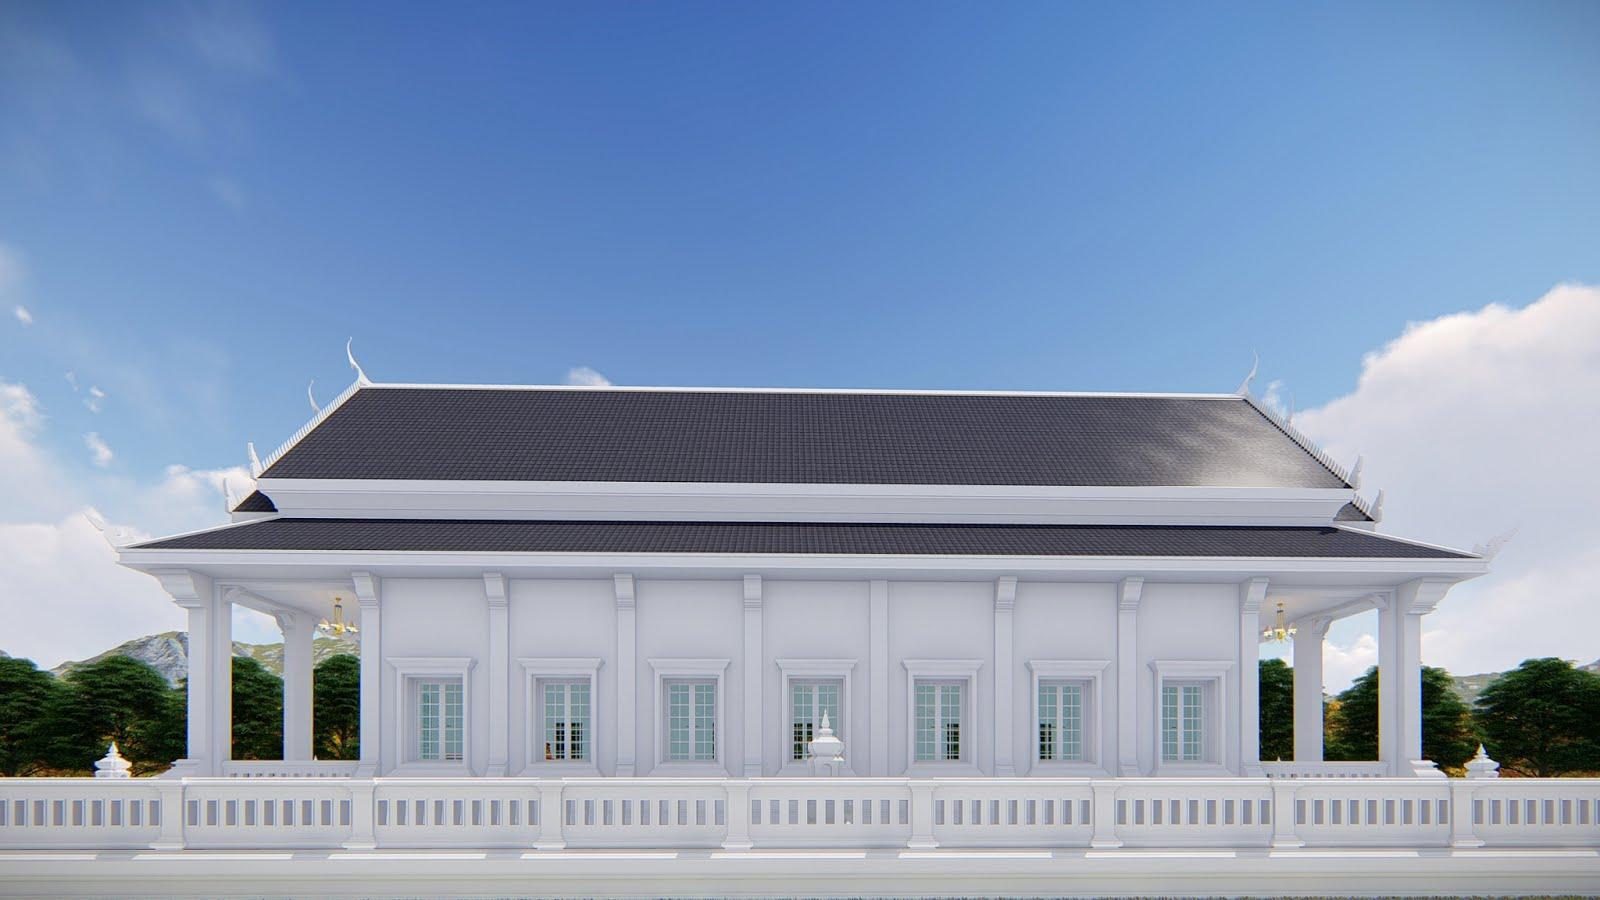 แบบอุโบสถ 7 หน้าต่างพร้อมลานประทักษิณ